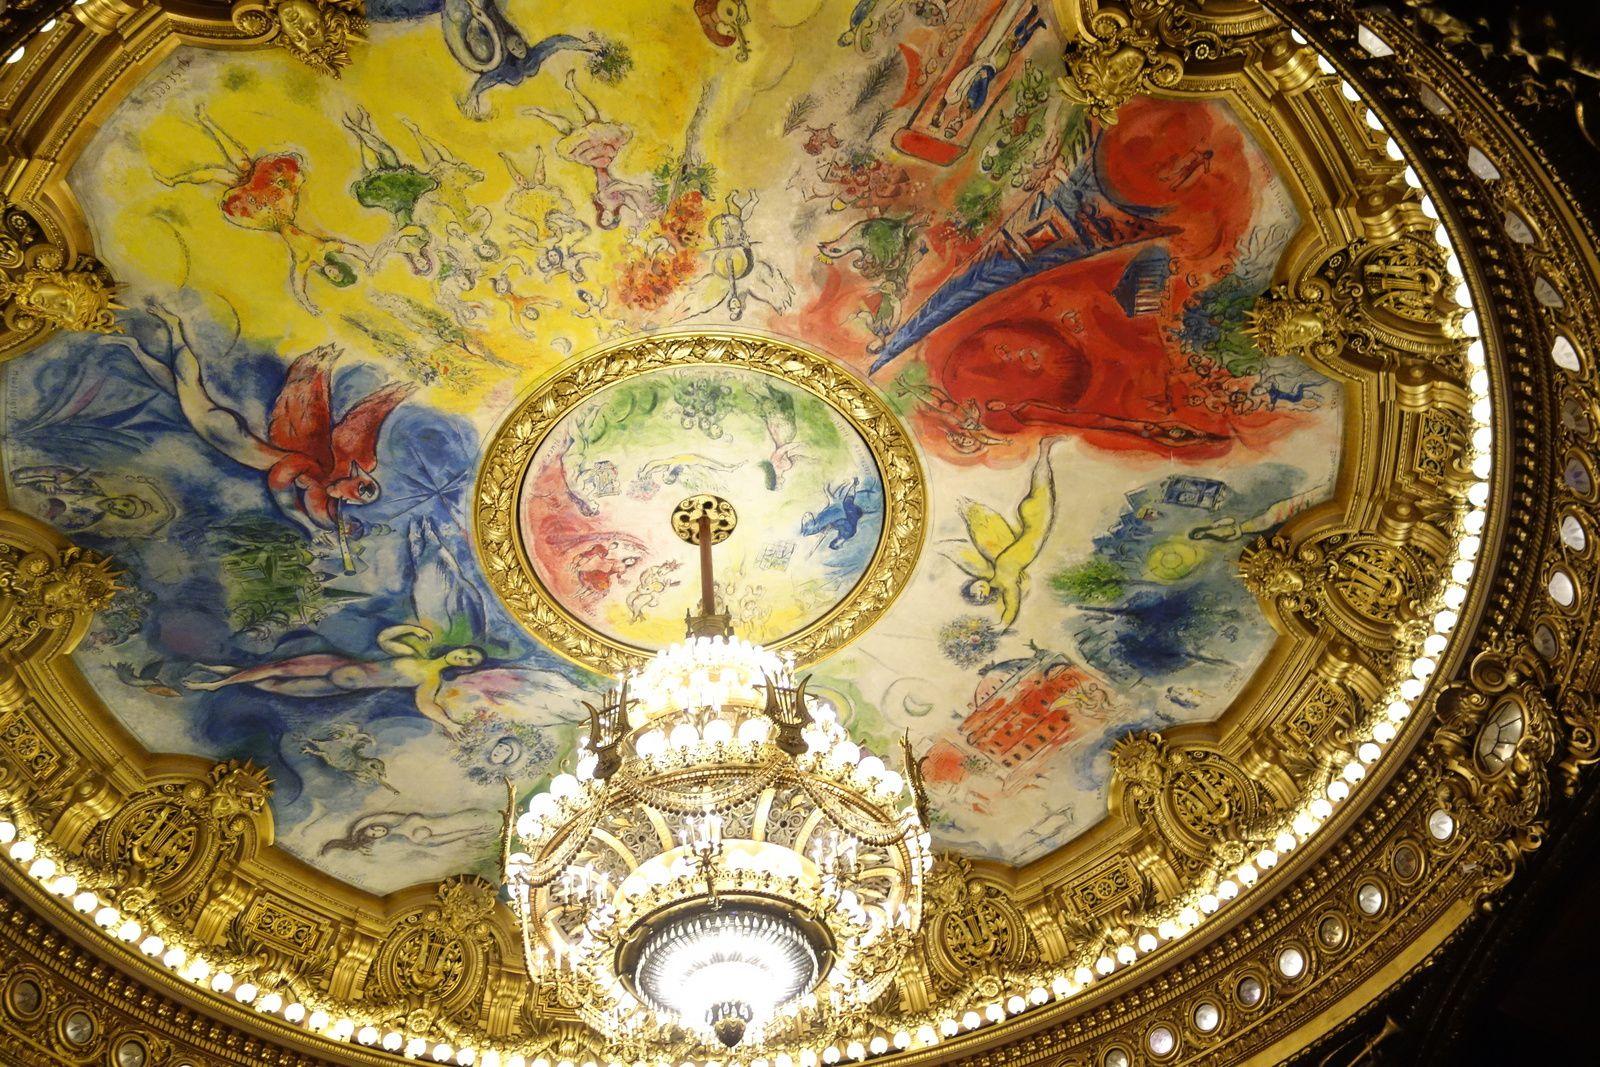 Le plafond de l'Opéra Garnier, peint par Chagall.